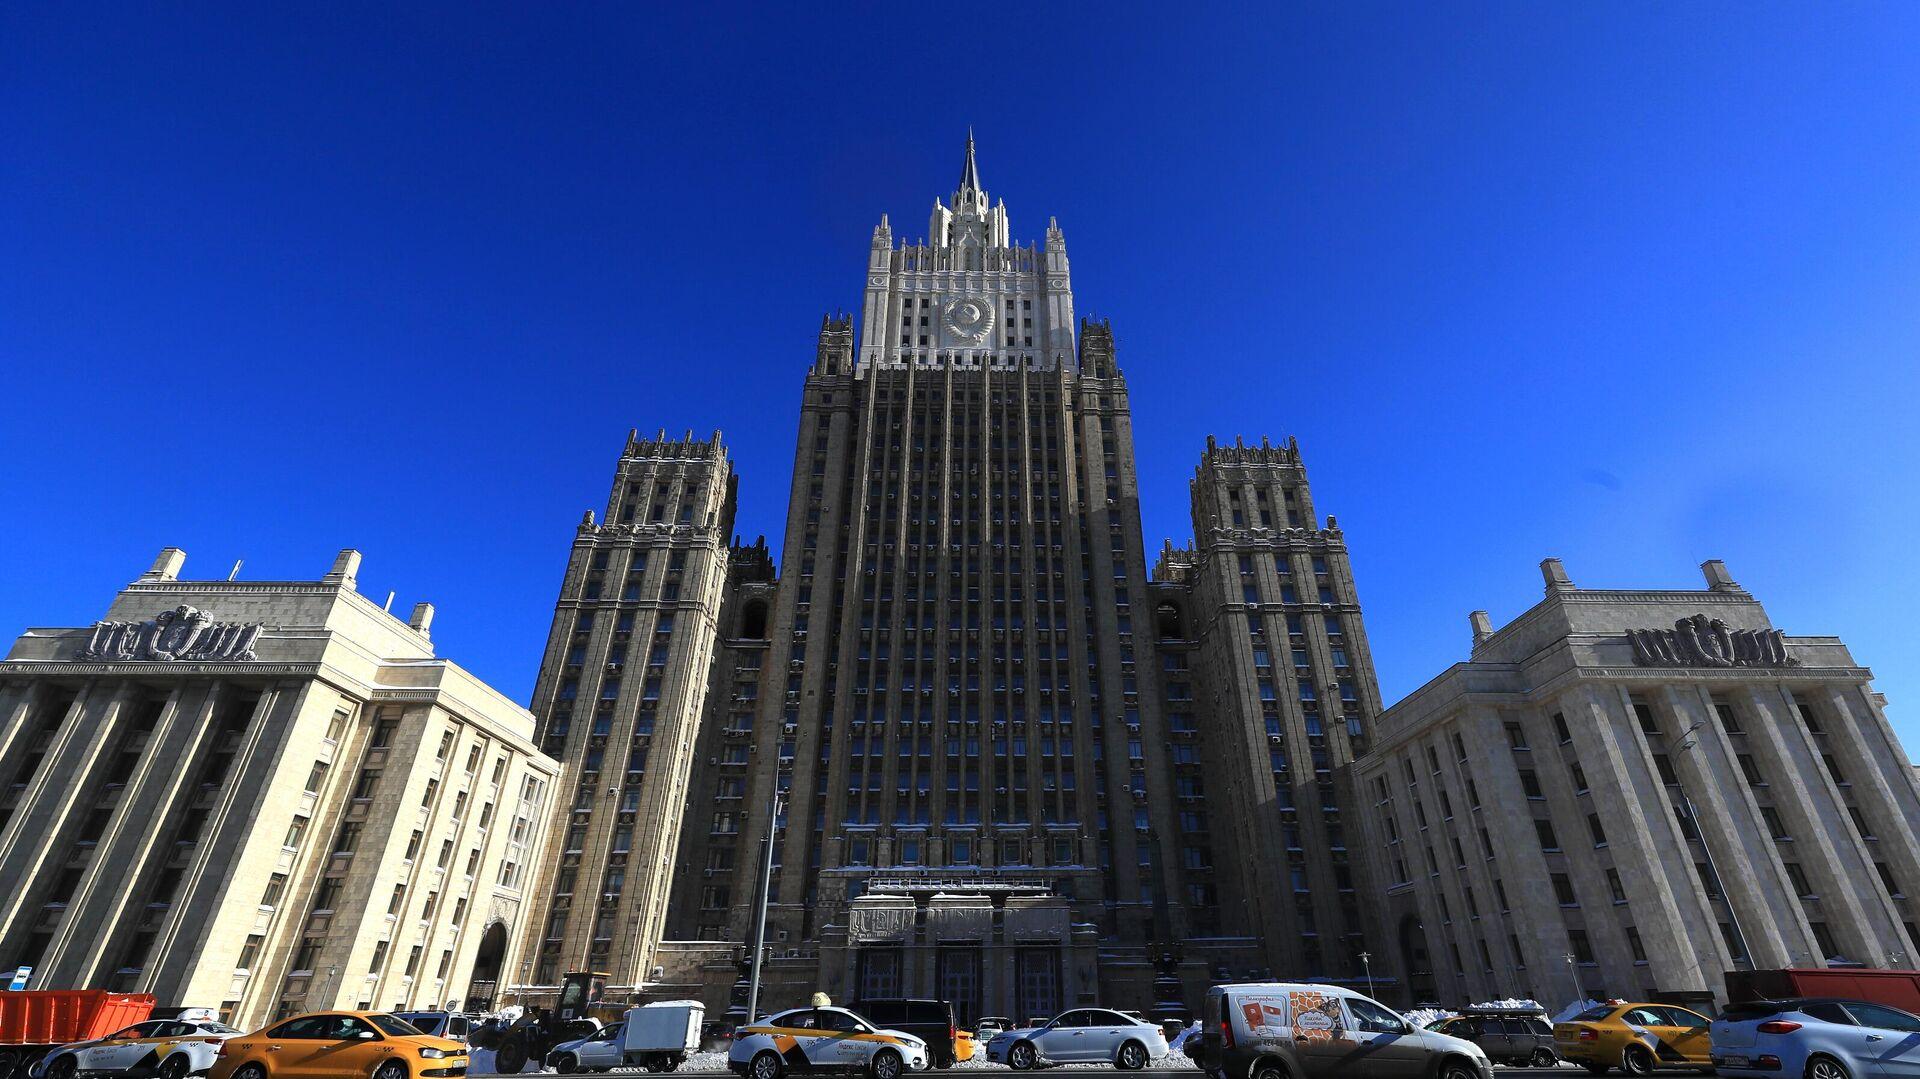 Здание Министерства иностранных дел РФ  - РИА Новости, 1920, 21.04.2021